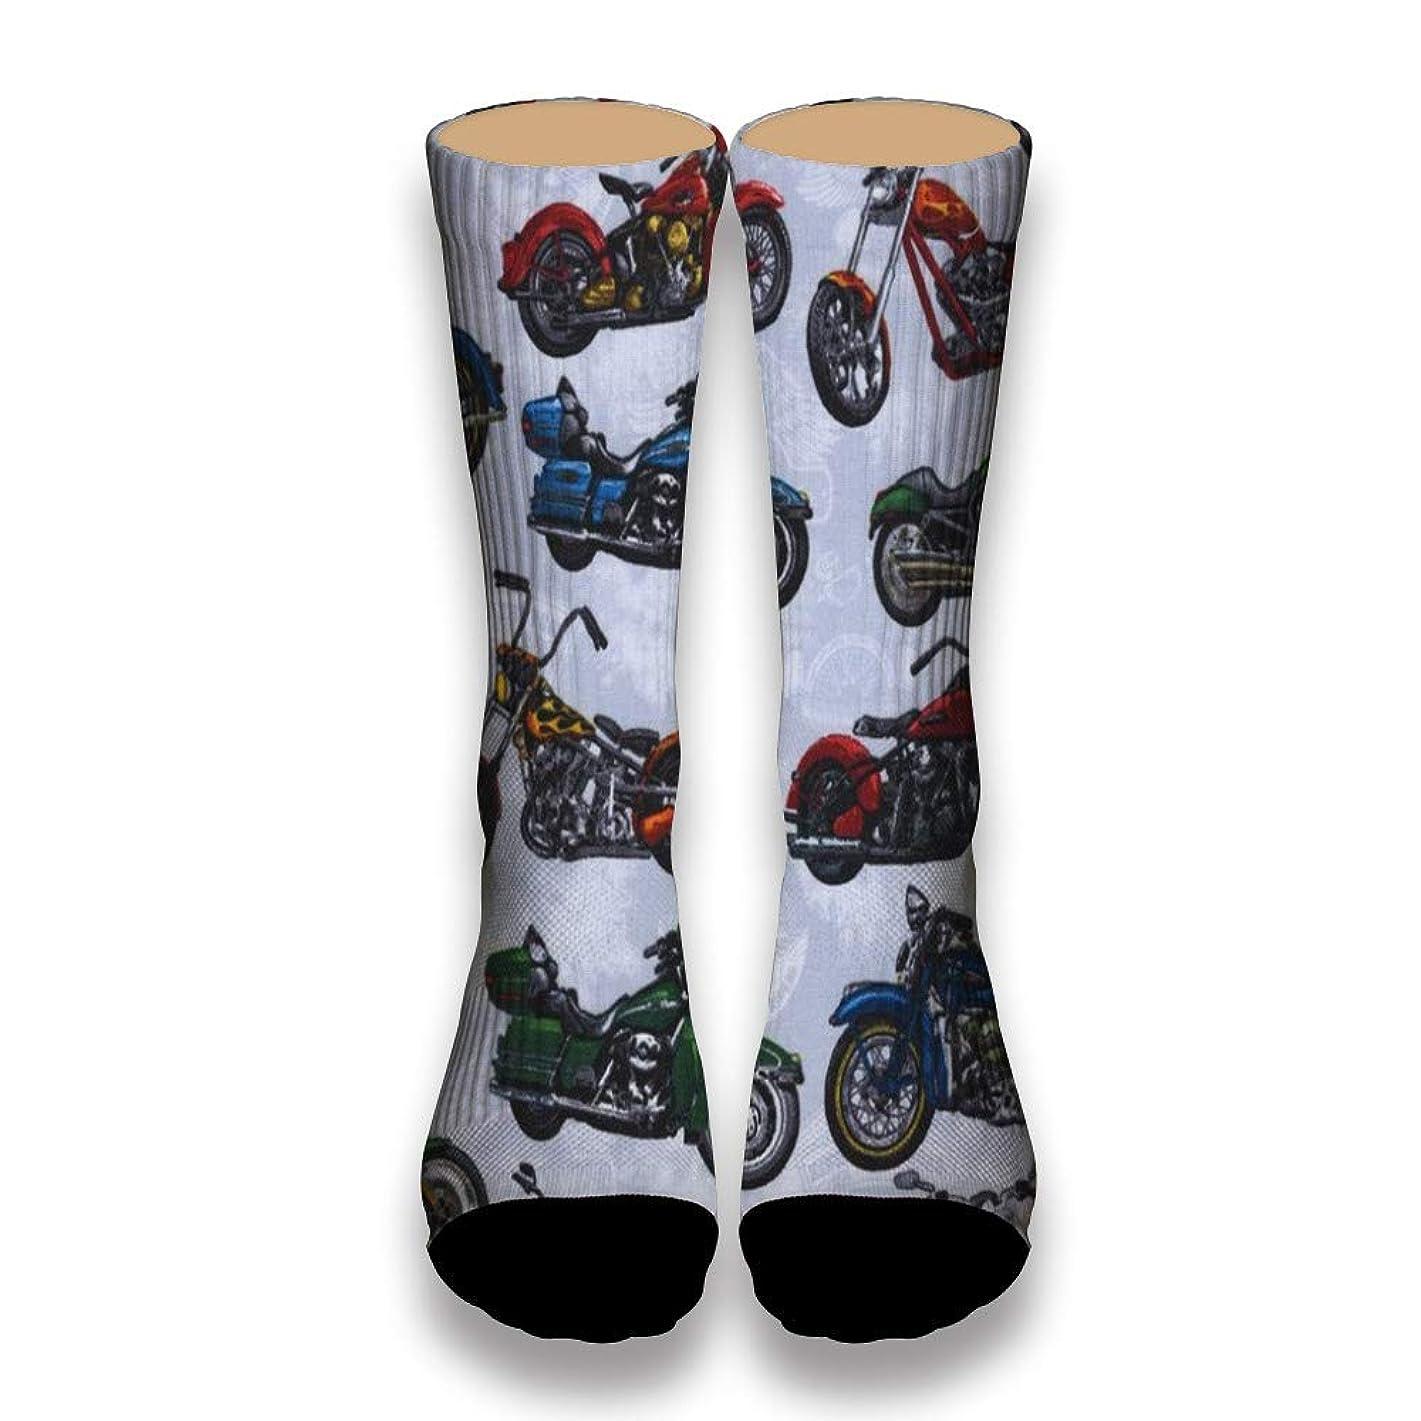 Mamie Jane I Love Motorcycle Doodle Novelty Socks Tube Short Mens Socks Pattern Socks